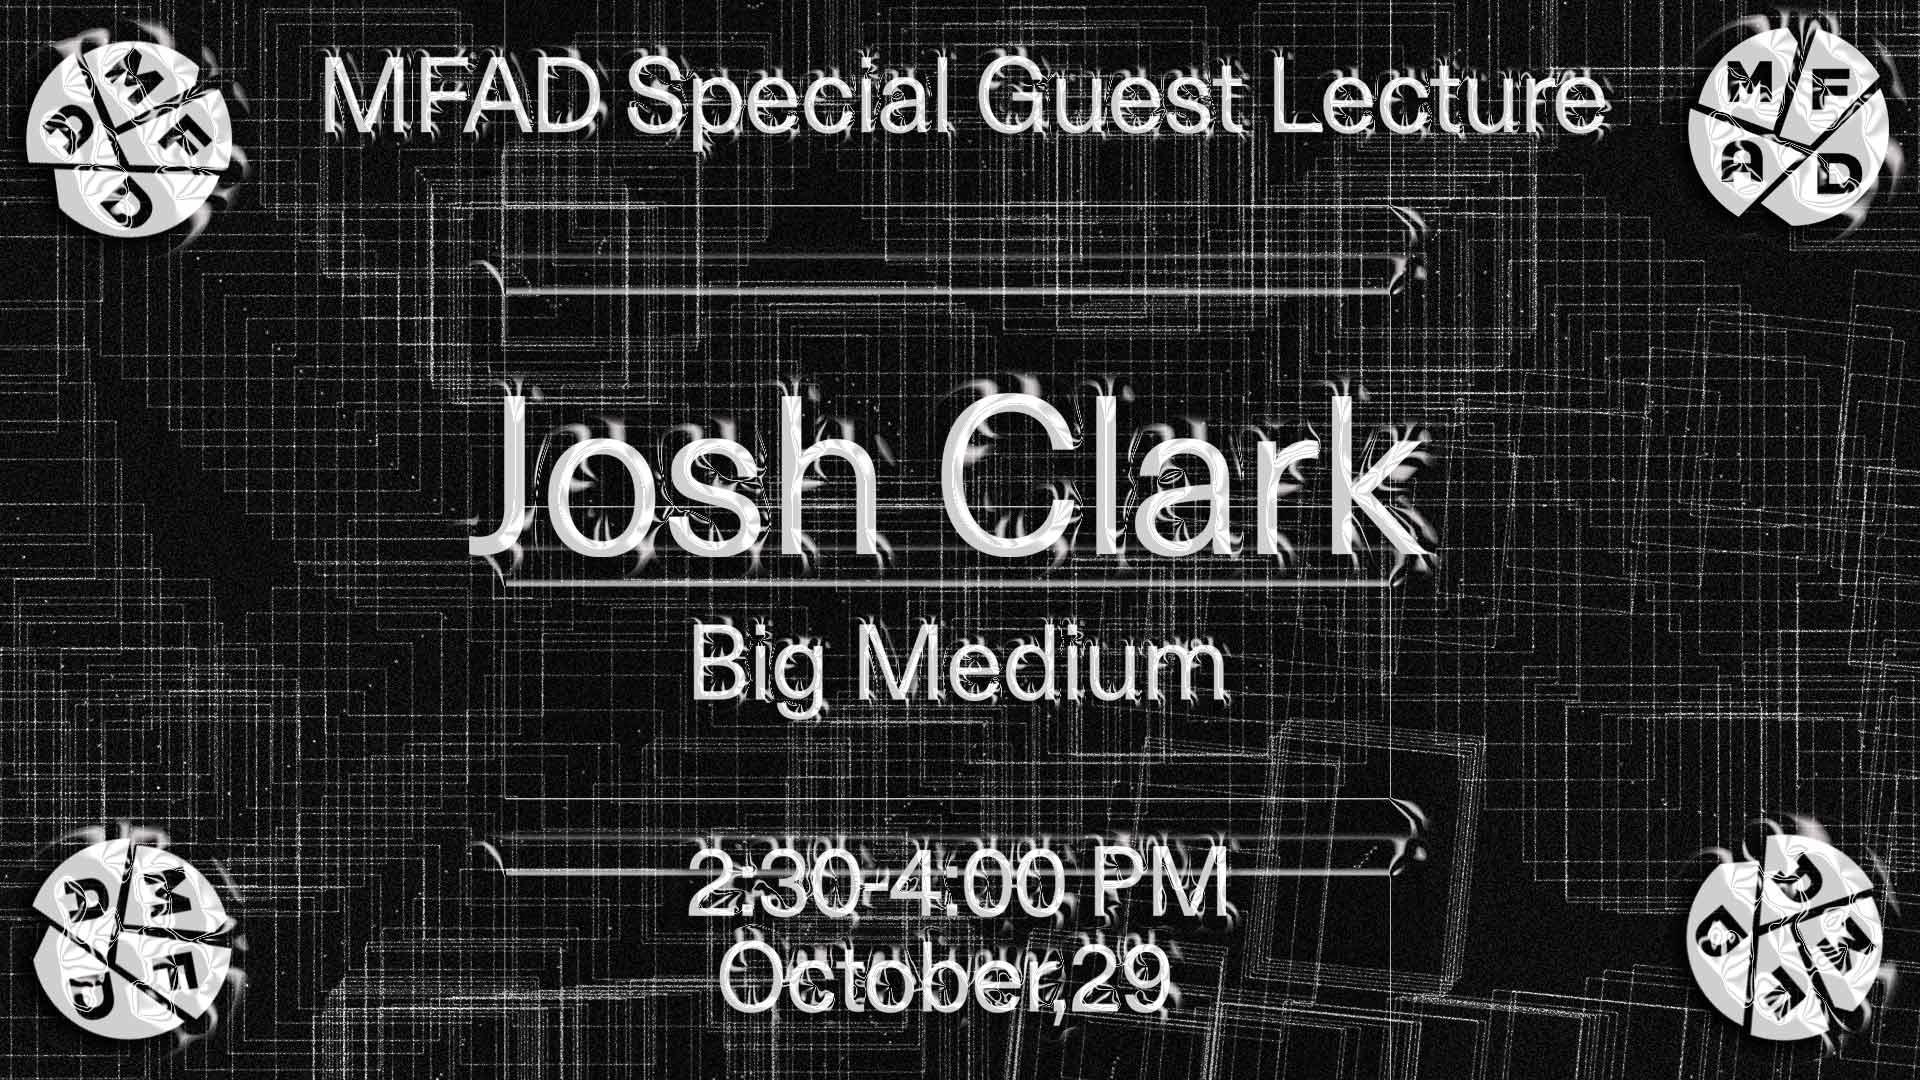 Josh clark big medium poster